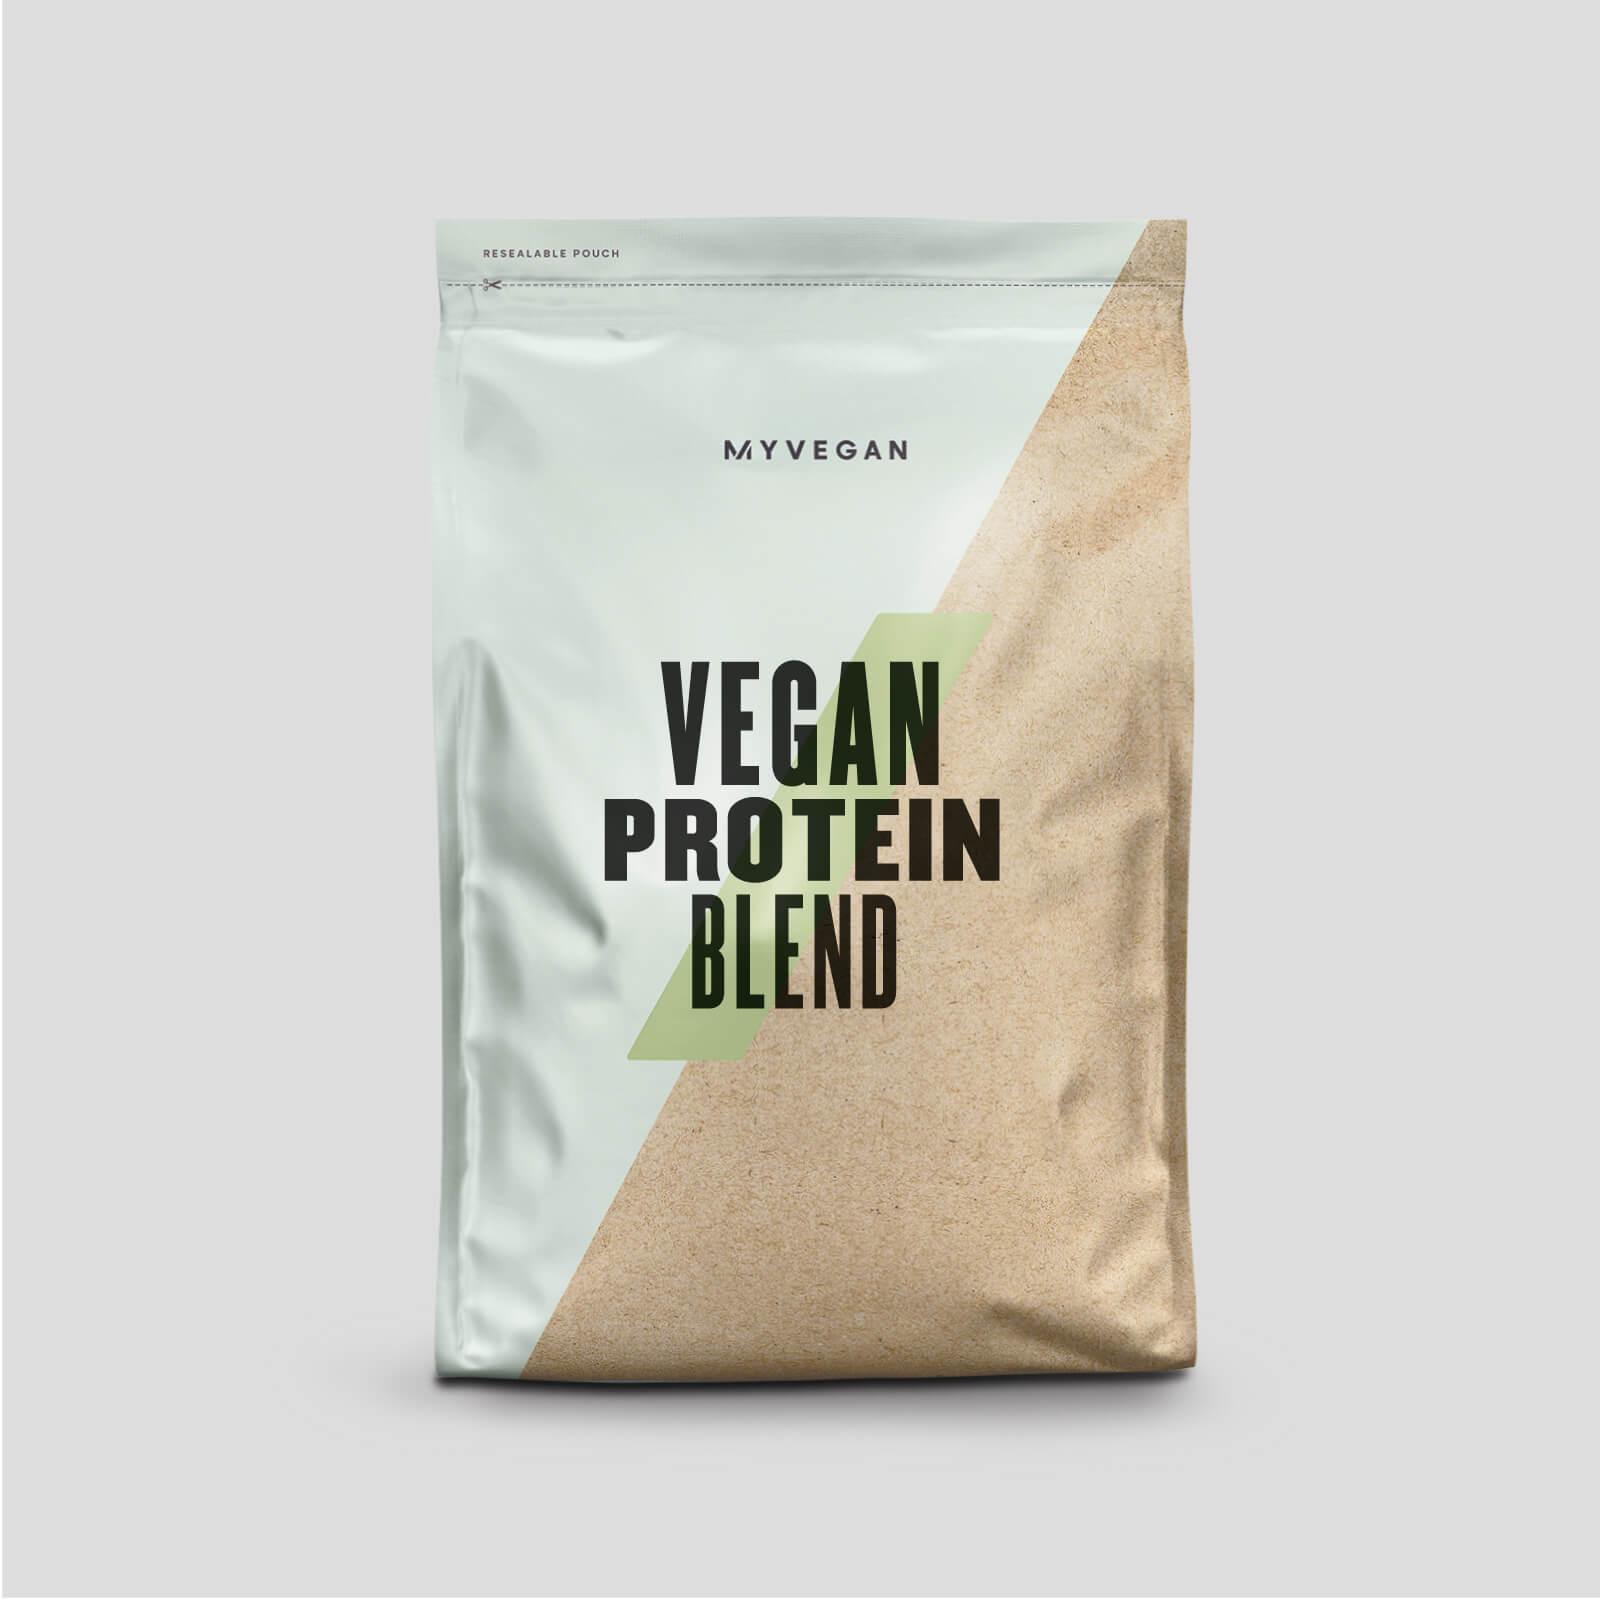 Myvegan Mezcla de Proteína Vegana - 500g - Cafe y Nueces